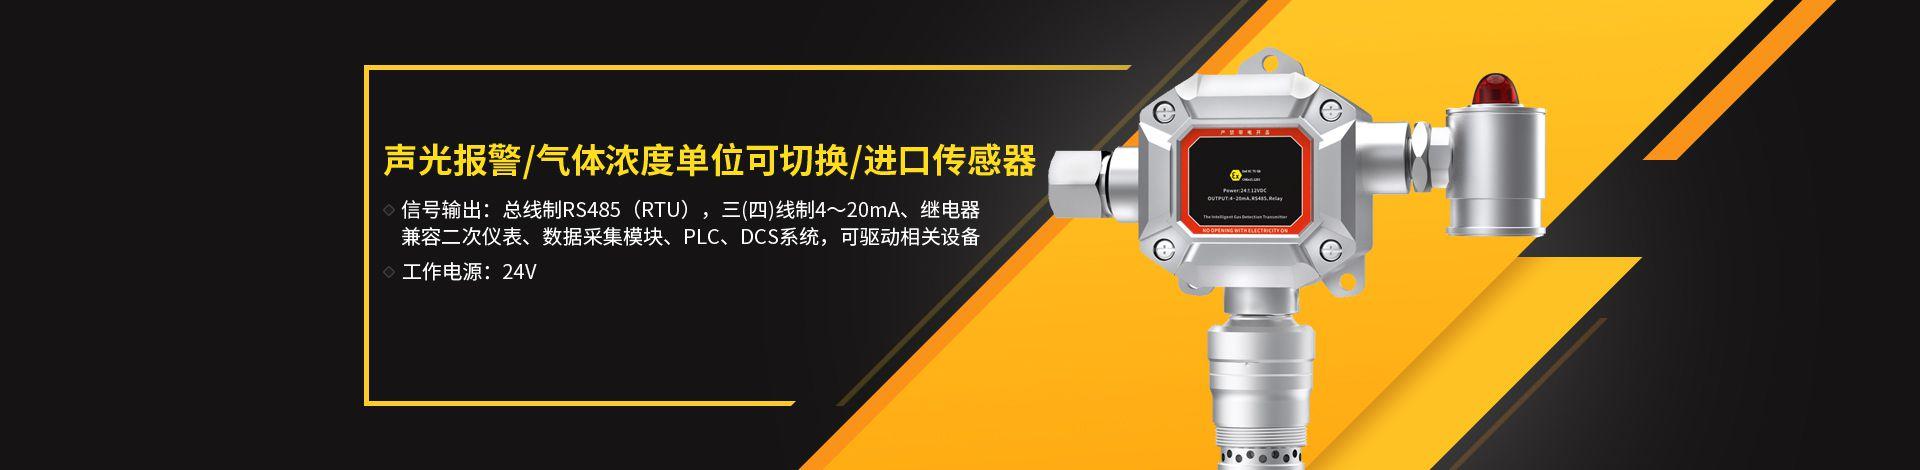 北京天地首和科技发展有限公司